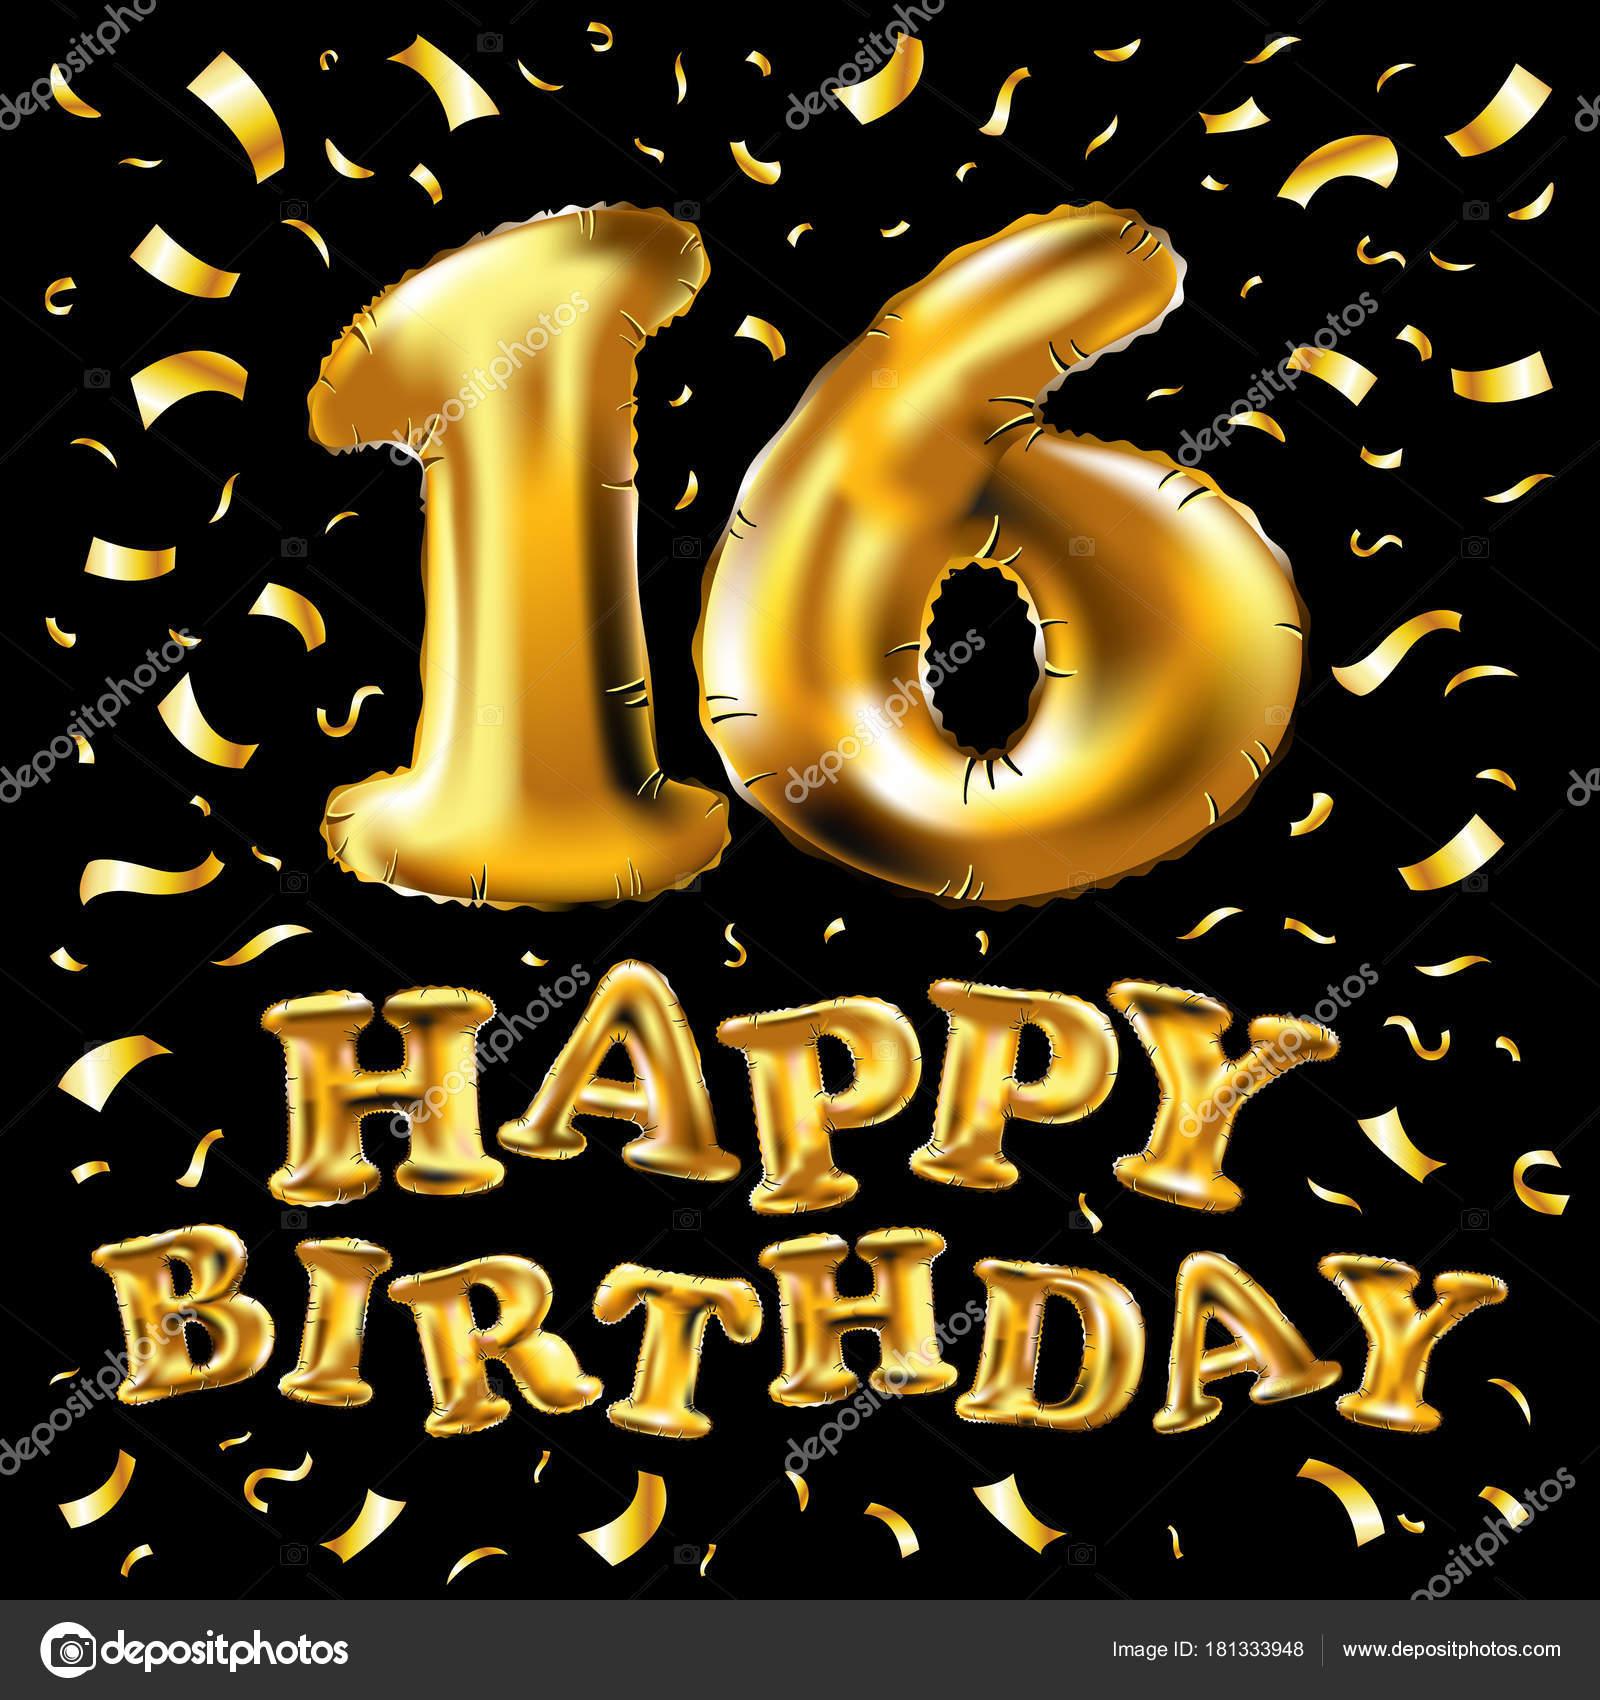 16e Verjaardag Gedicht.Verjaardagswens Voor Een 16e Verjaardag Wishlist Buddy